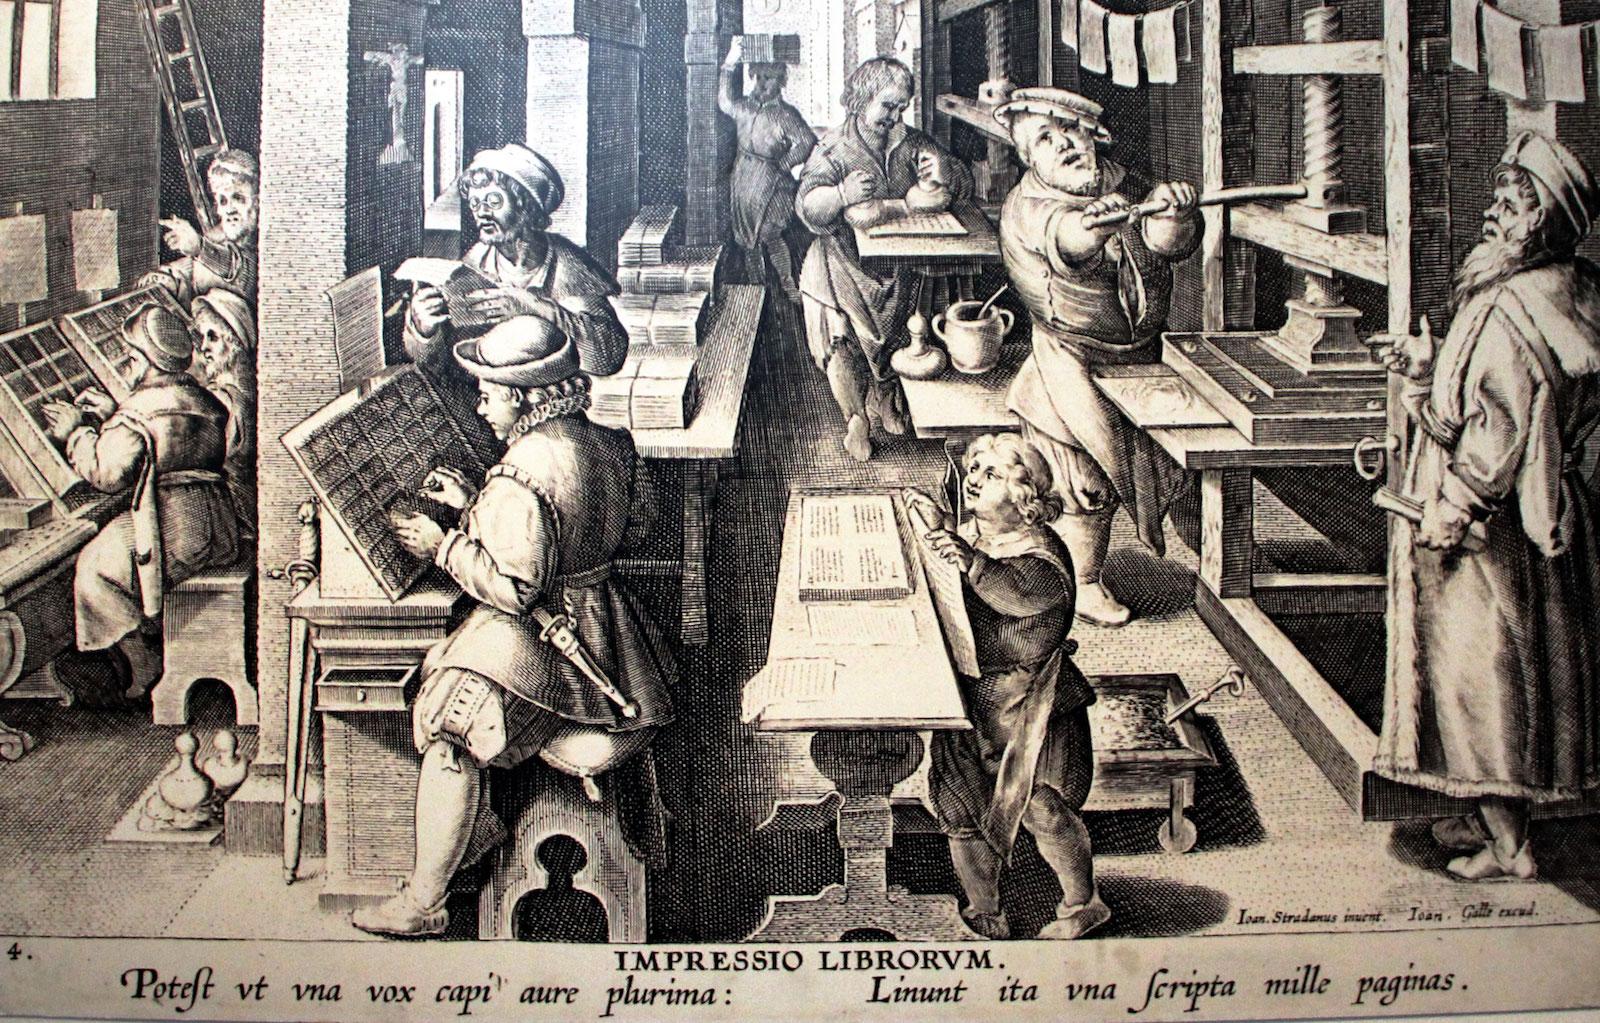 Vieille image d'une imprimerie au XVIe siècle